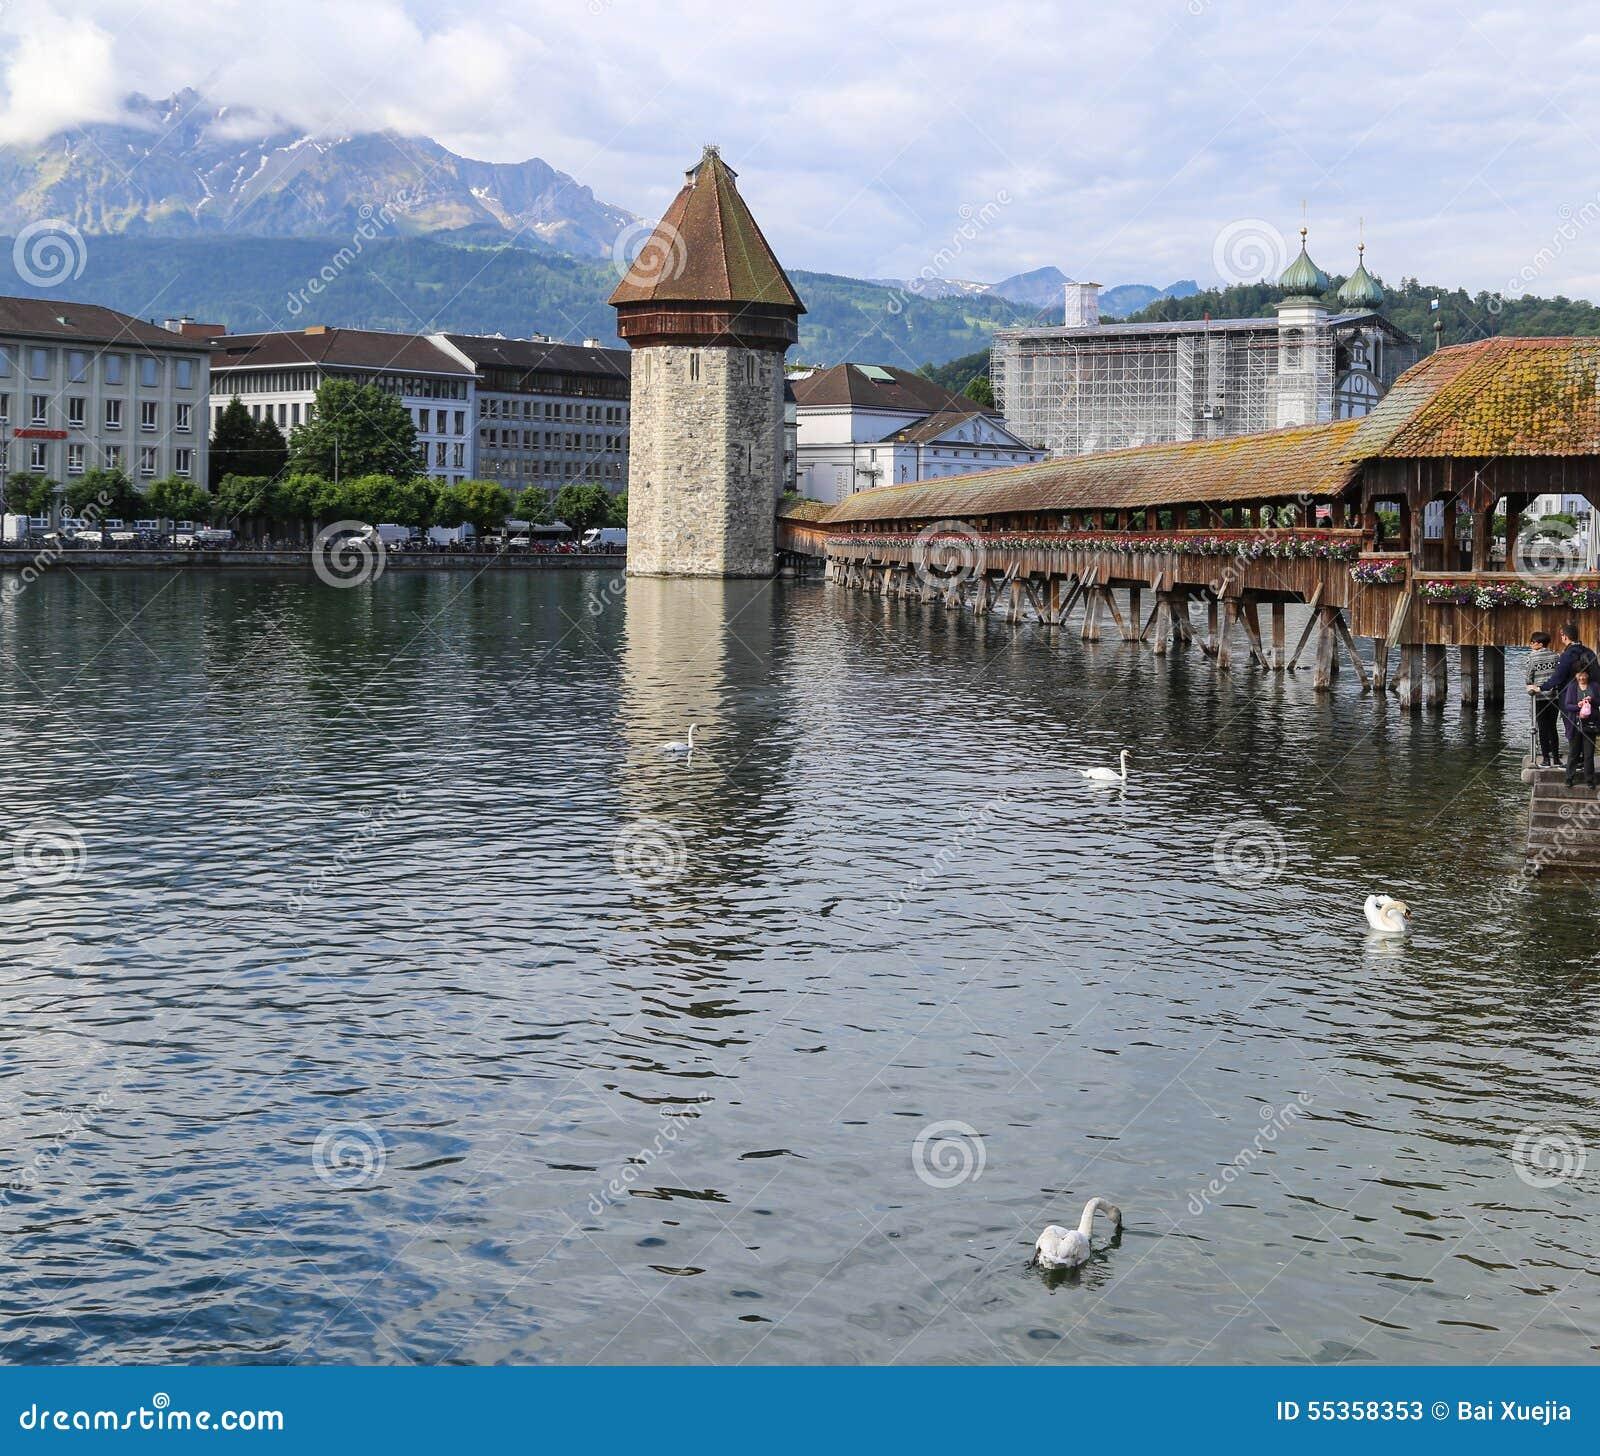 Il paesaggio in erba medica del lago, Svizzera